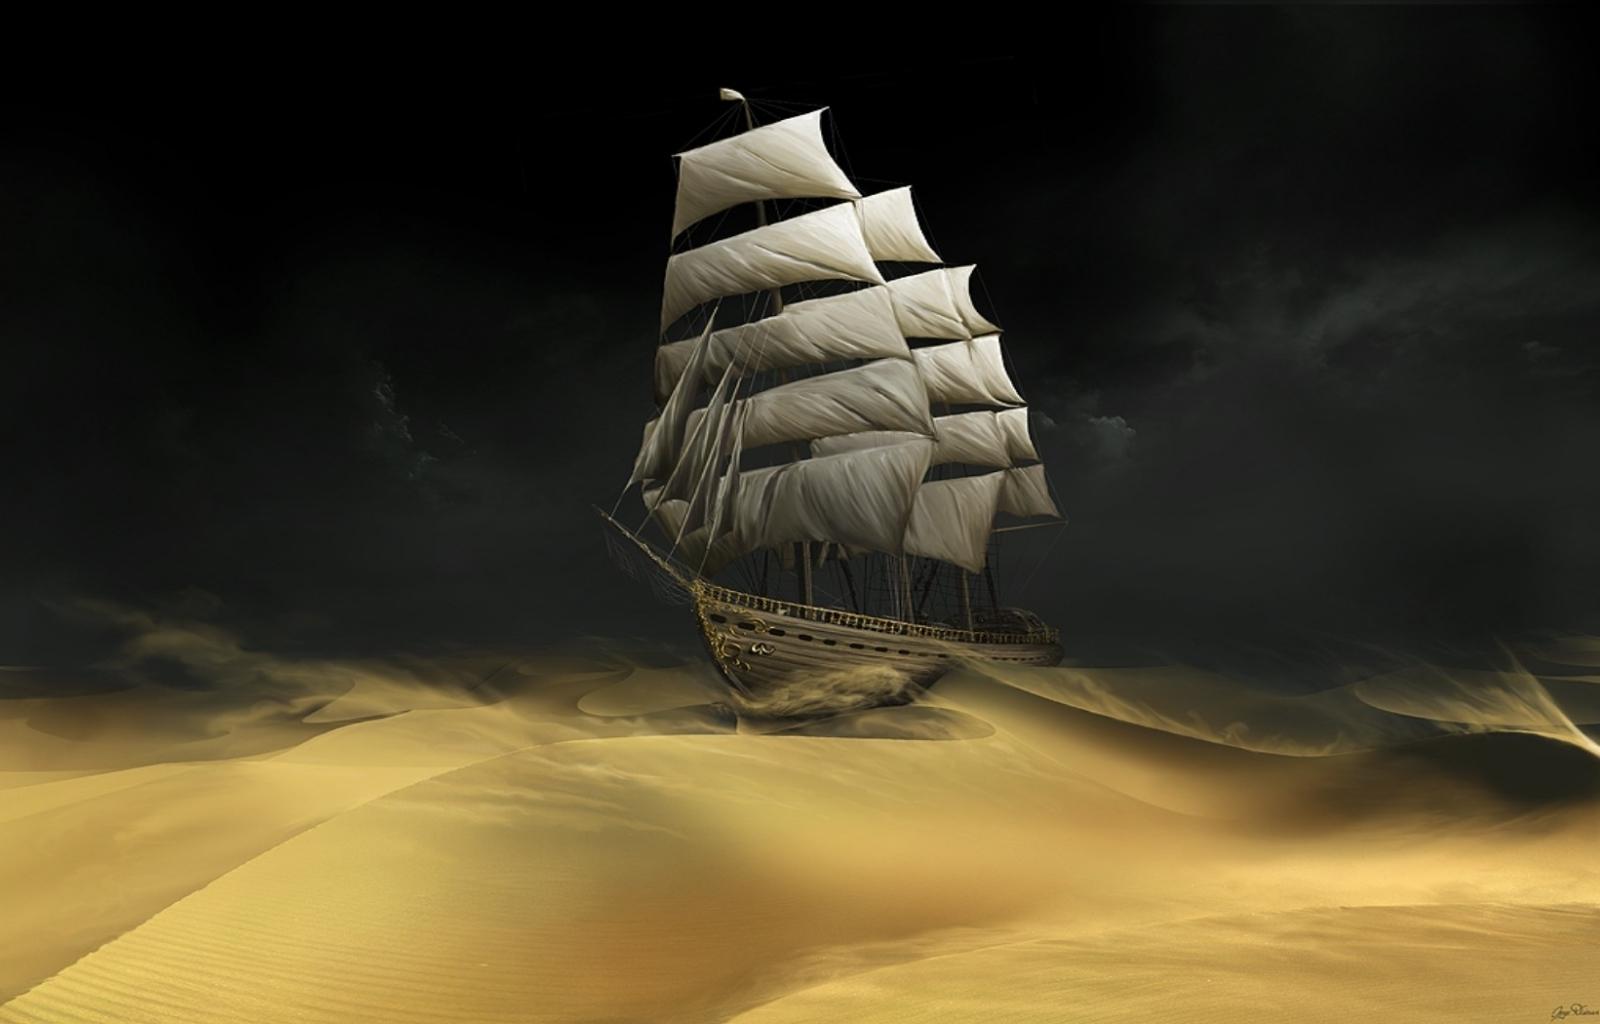 26021 Hintergrundbild herunterladen Fantasie, Transport, Landschaft, Schiffe, Sand, Wüste - Bildschirmschoner und Bilder kostenlos